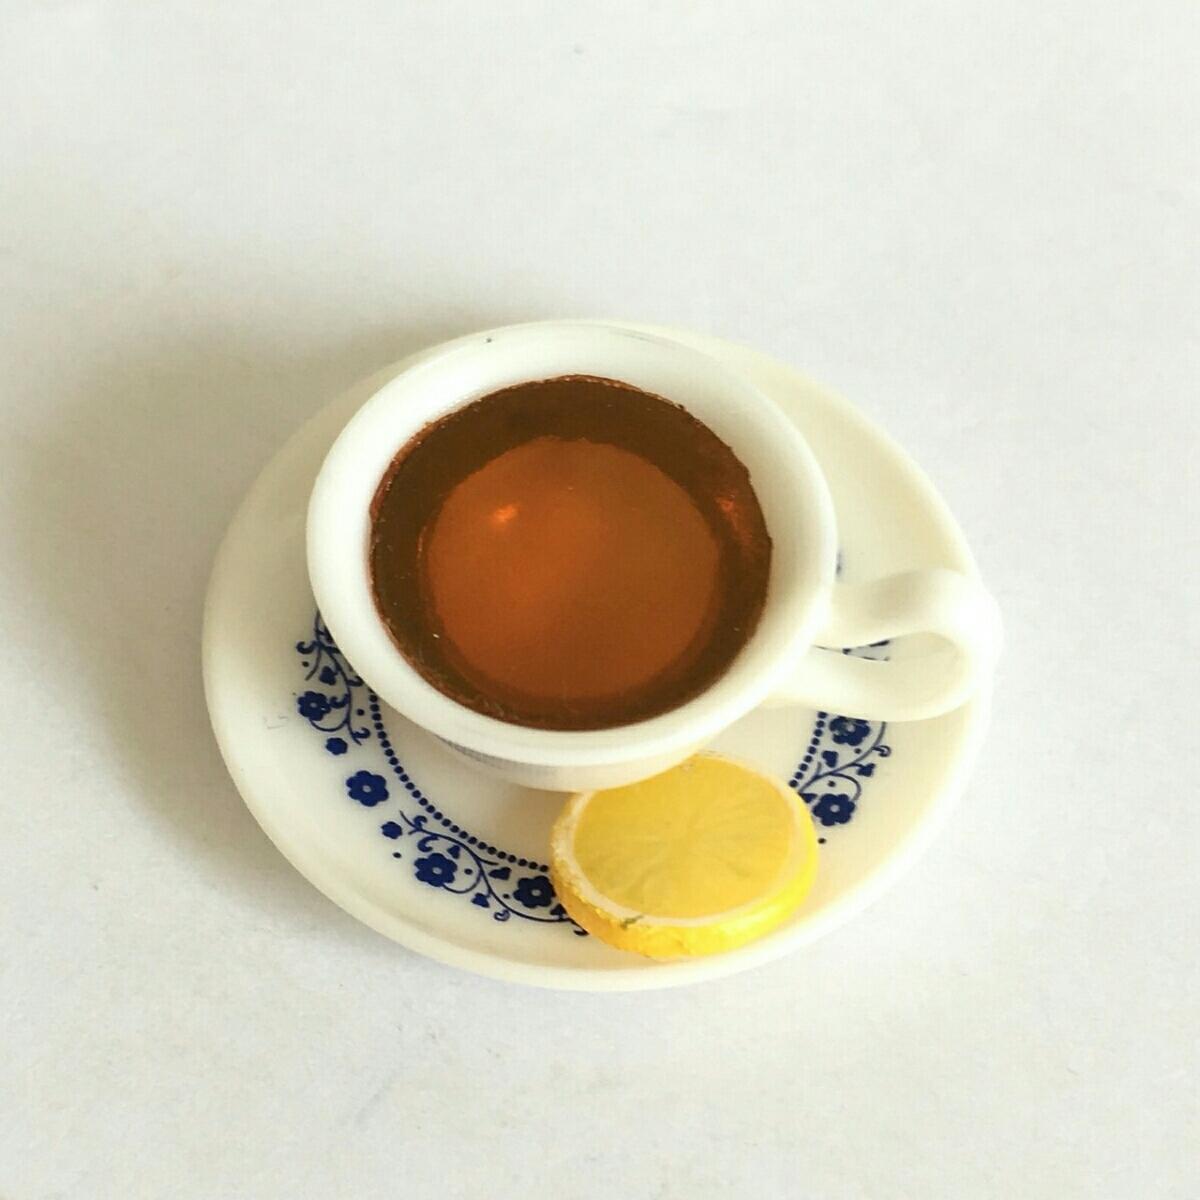 レモンティー 単品 街角のレトロ喫茶店 ミニチュア ぷちサンプル リーメント_画像2